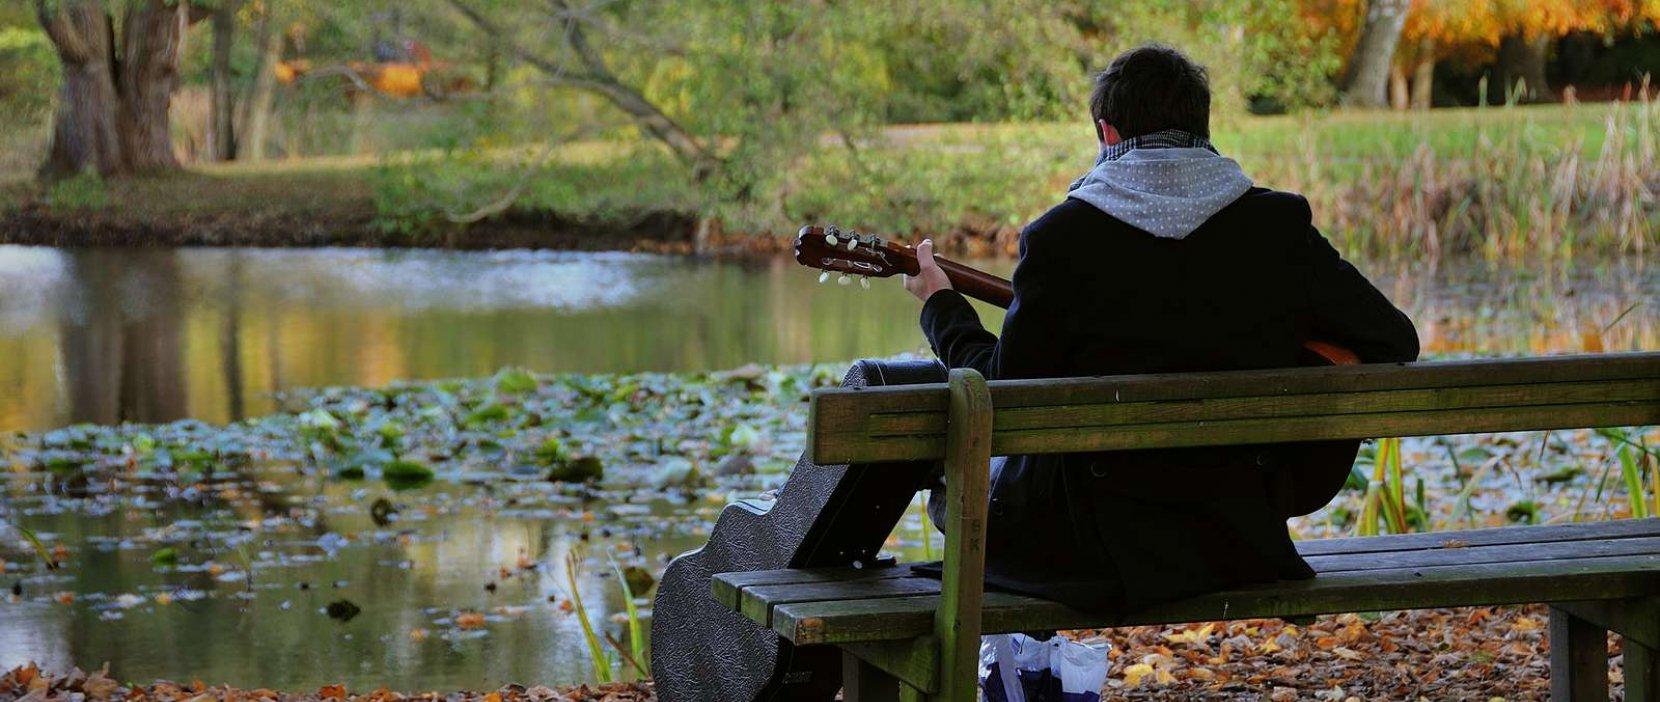 Nordvanggårdsparken, guitarspiller - foto: Jess Kimmerslev